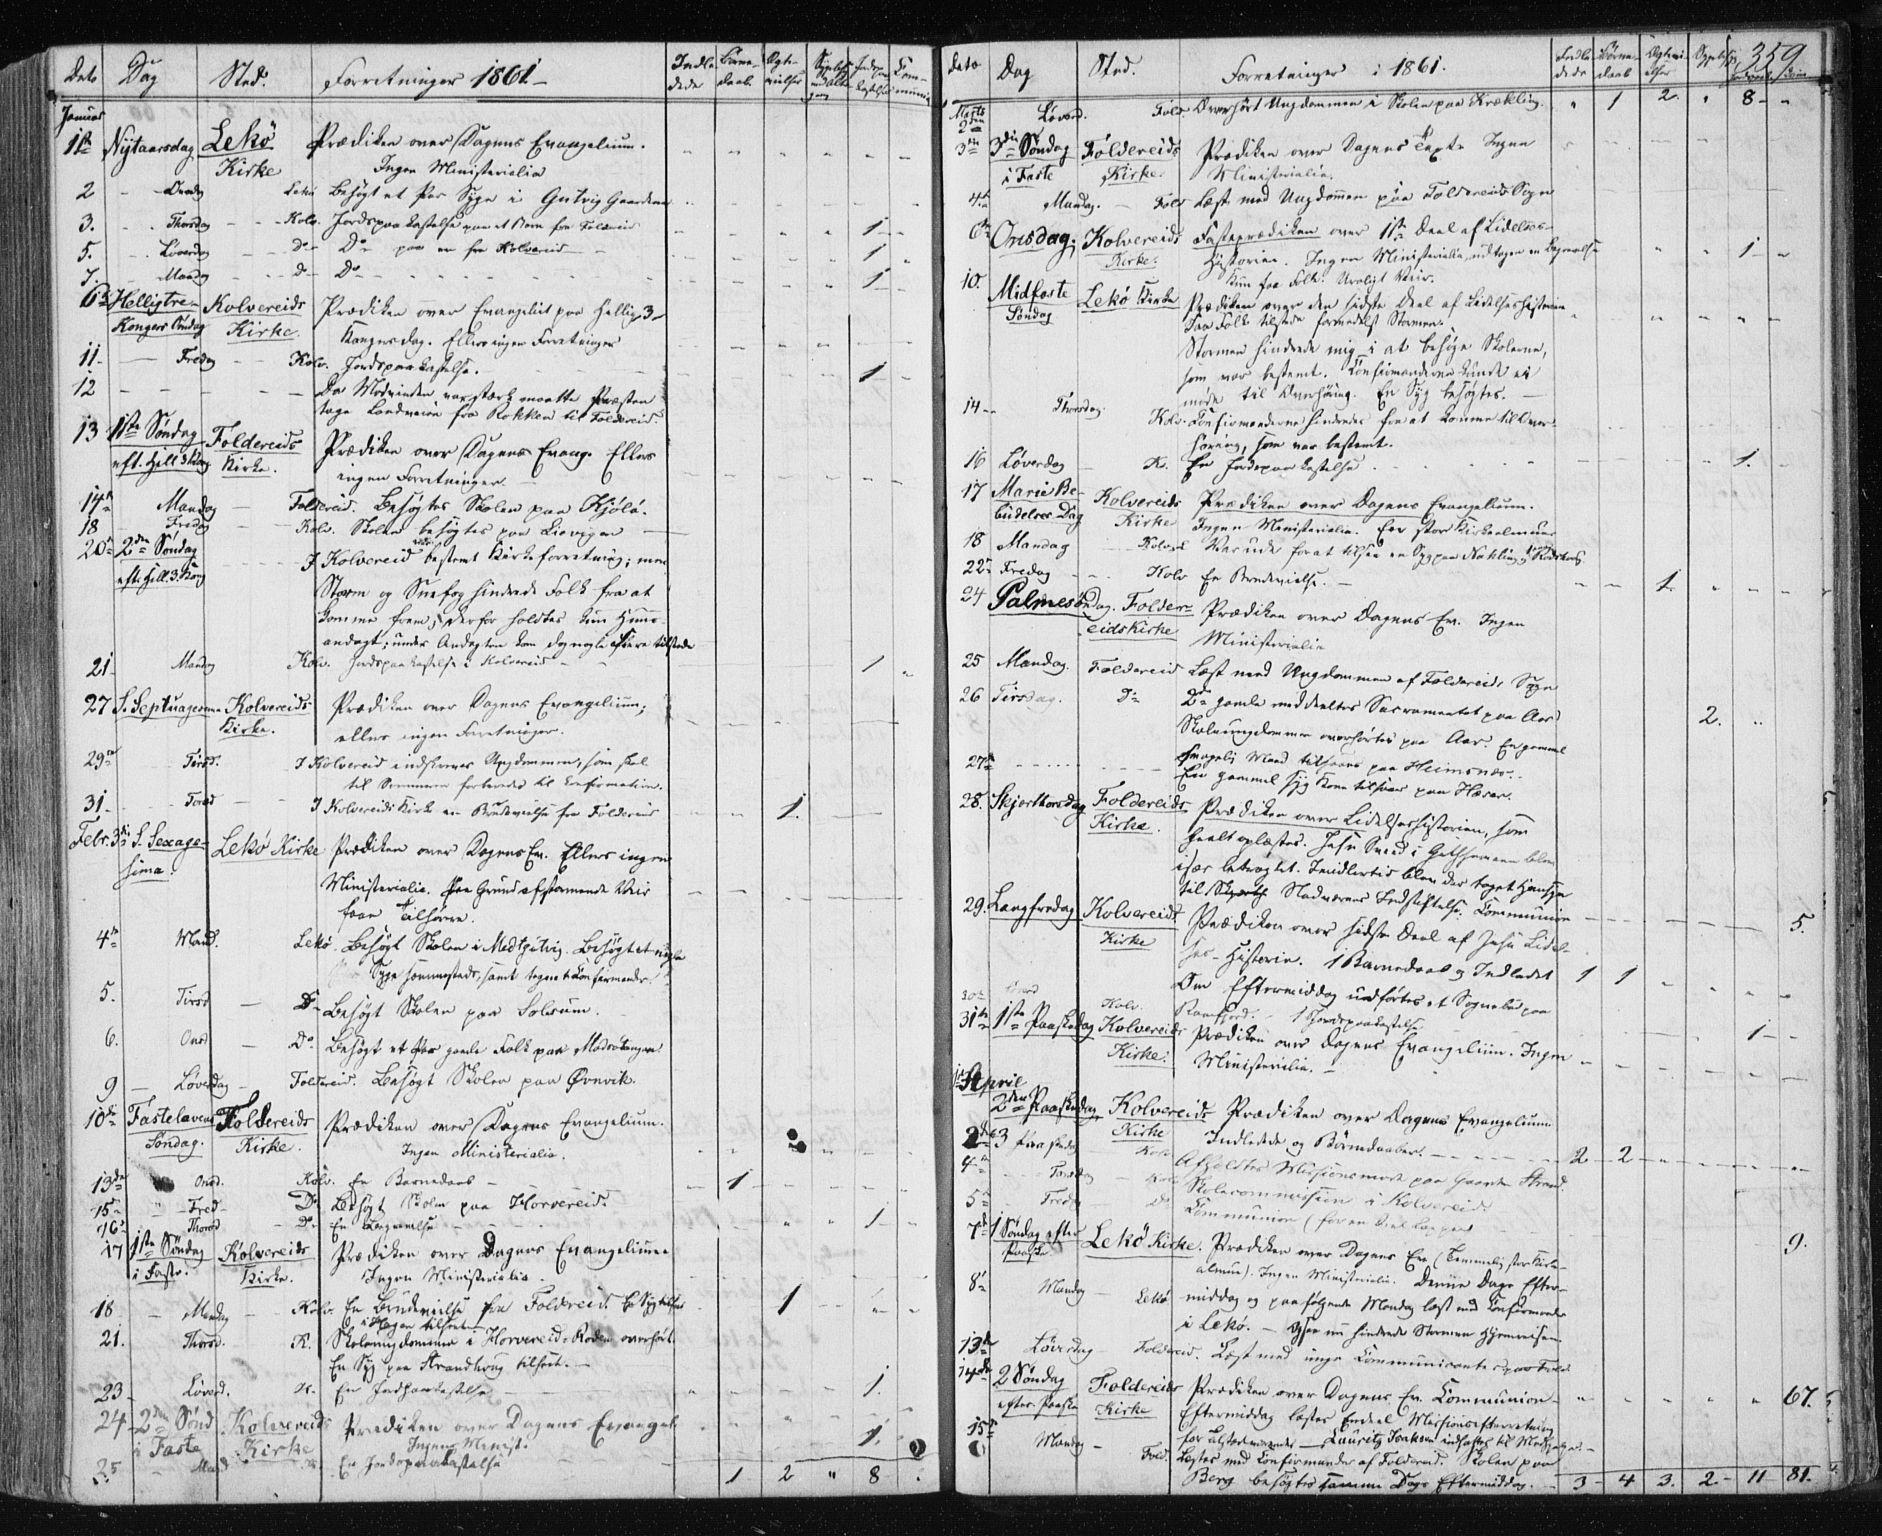 SAT, Ministerialprotokoller, klokkerbøker og fødselsregistre - Nord-Trøndelag, 780/L0641: Ministerialbok nr. 780A06, 1857-1874, s. 359